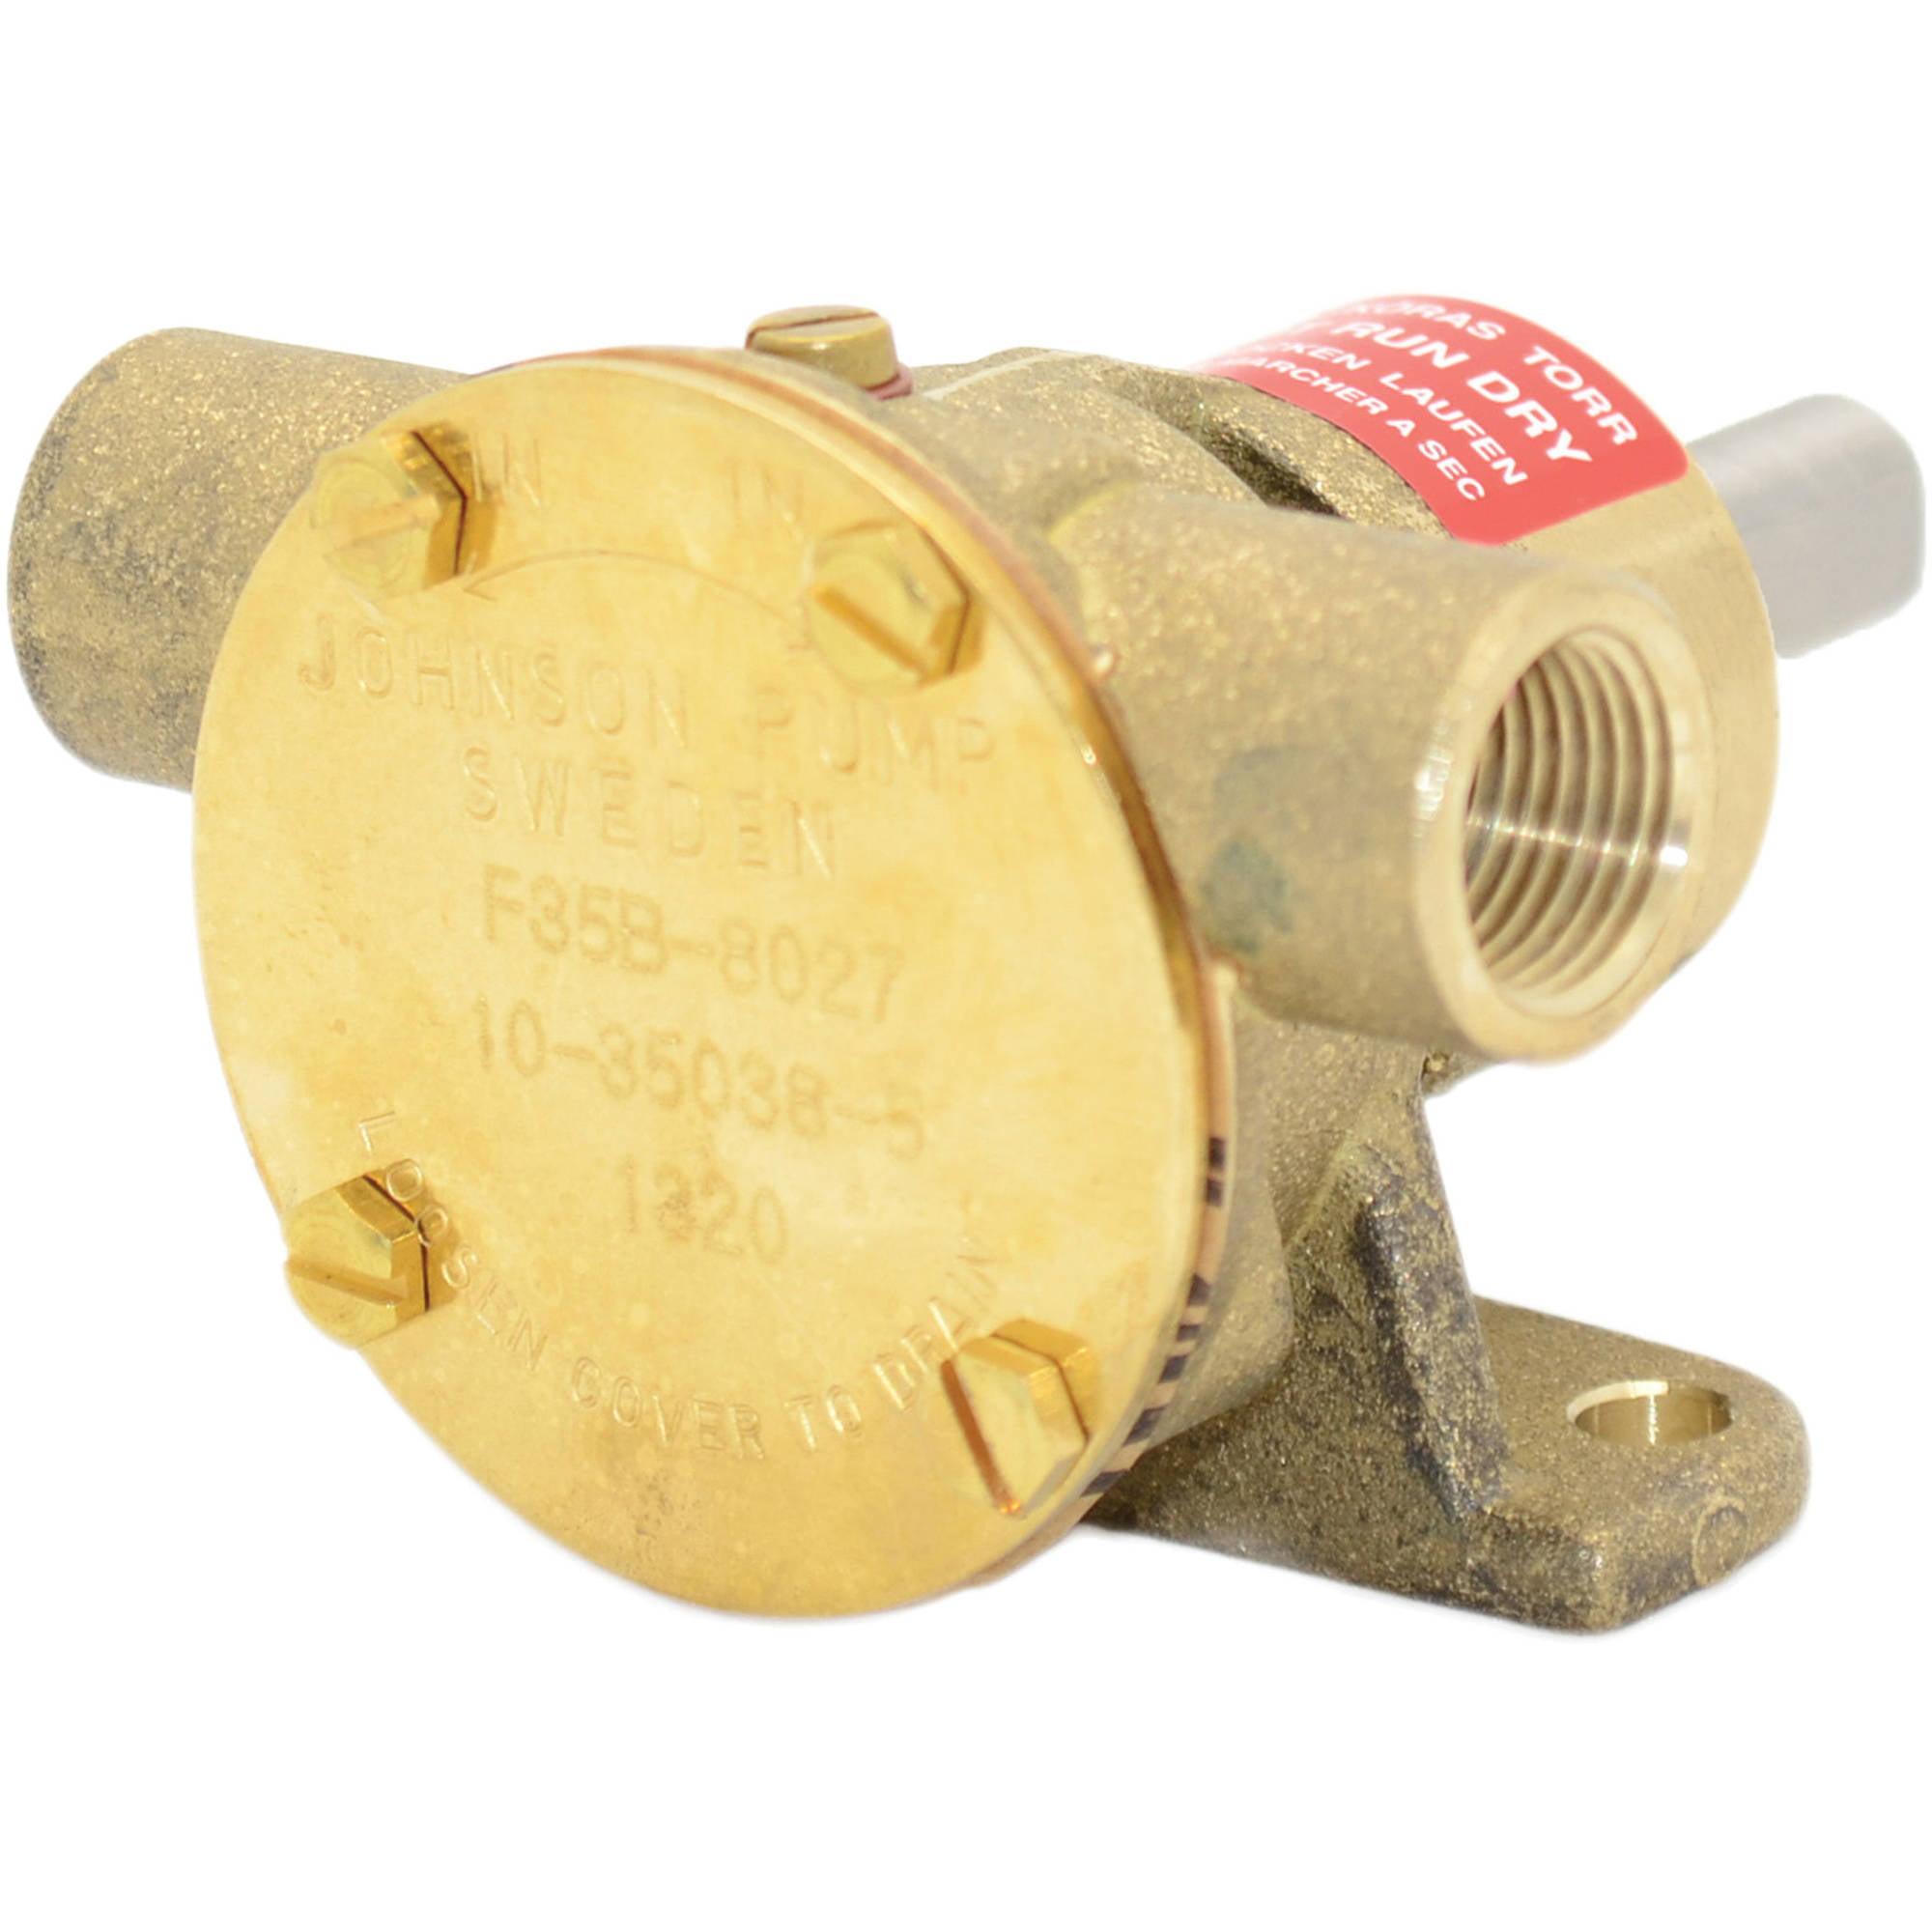 Johnson Pump 10-35038-5 F35B-8027 Impeller Pump, Lip Seal/NPT Port